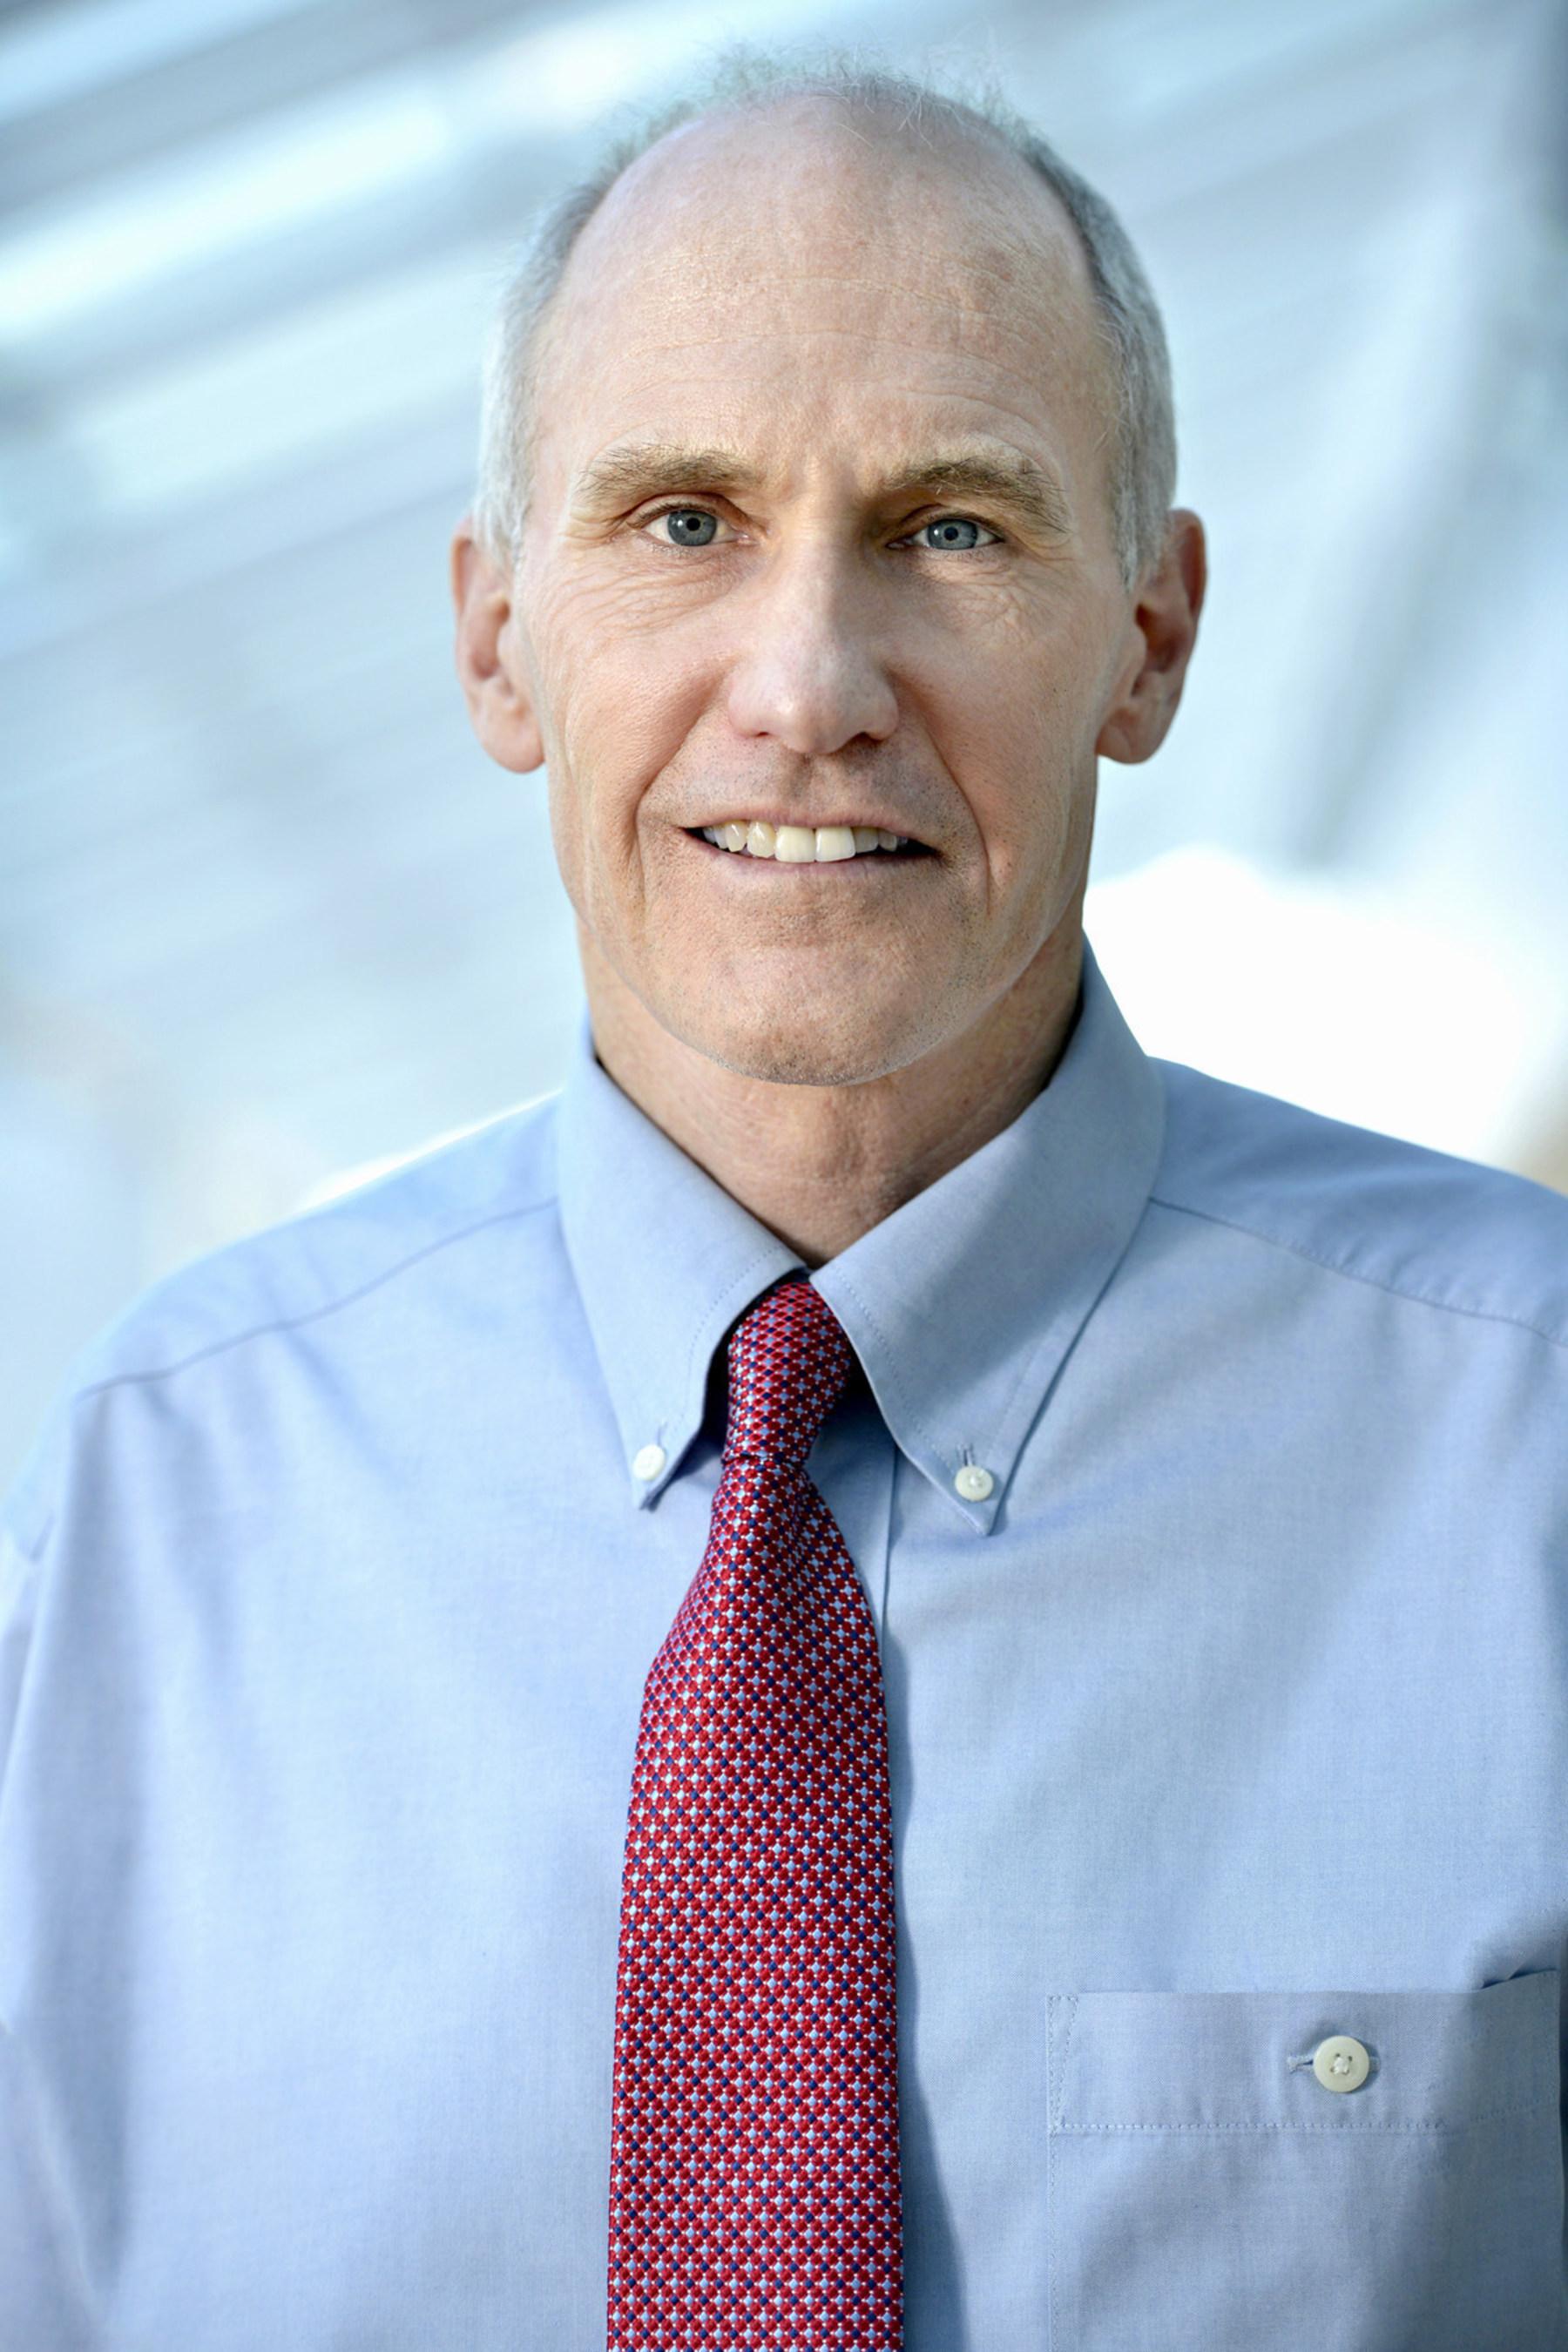 Le pionnier de l'immunothérapie à Penn Medicine, le docteur Carl June, a obtenu le Prix Paul